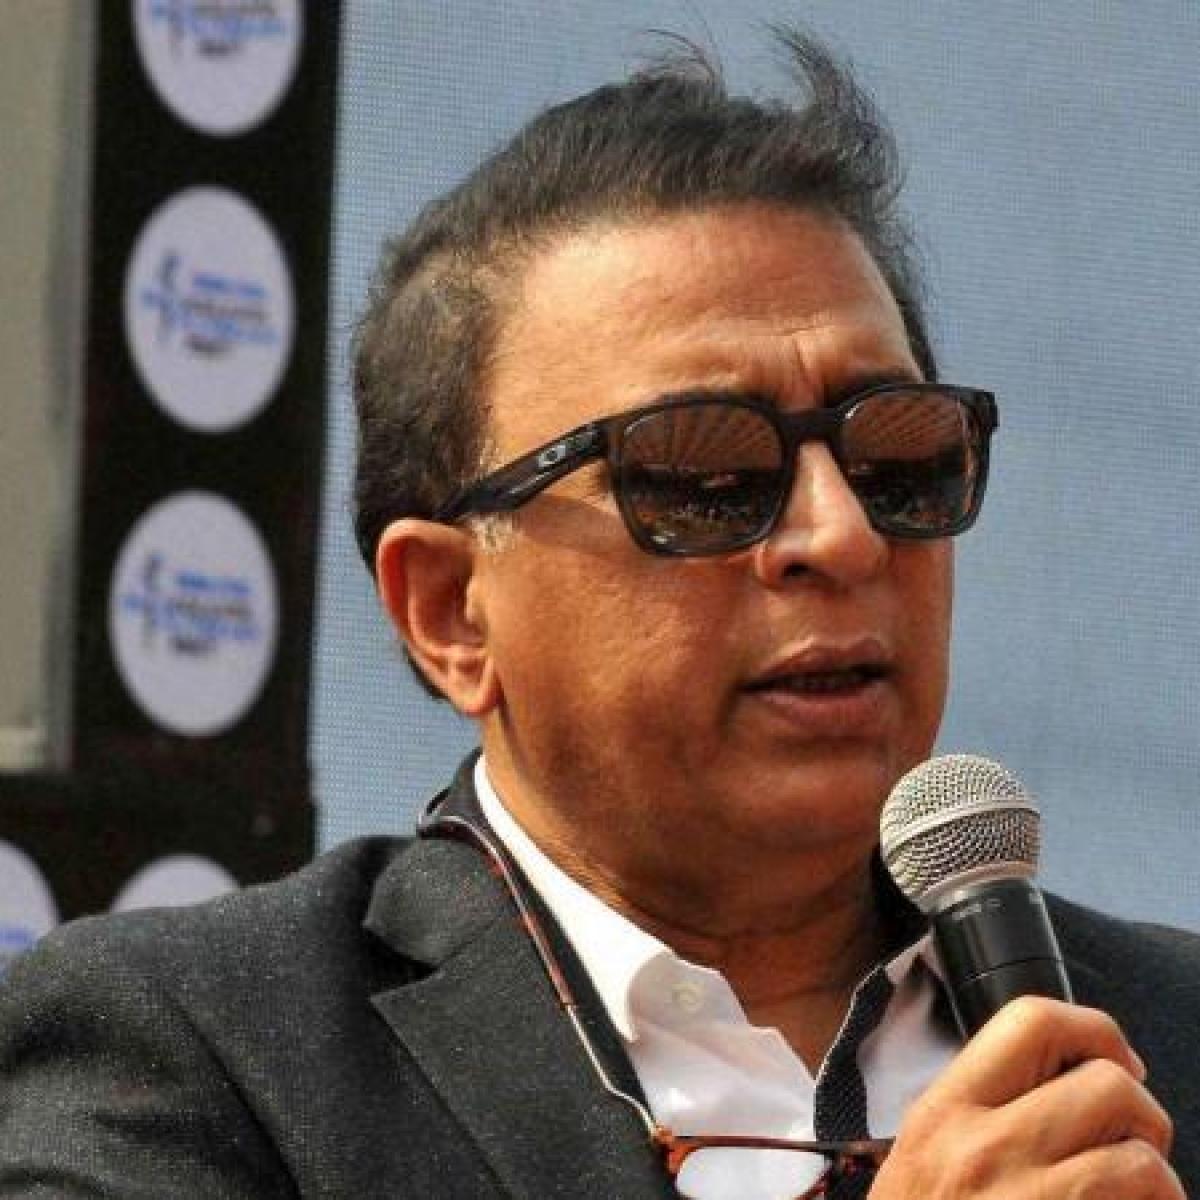 IPL 2020 in October looks difficult, says Sunil Gavaskar